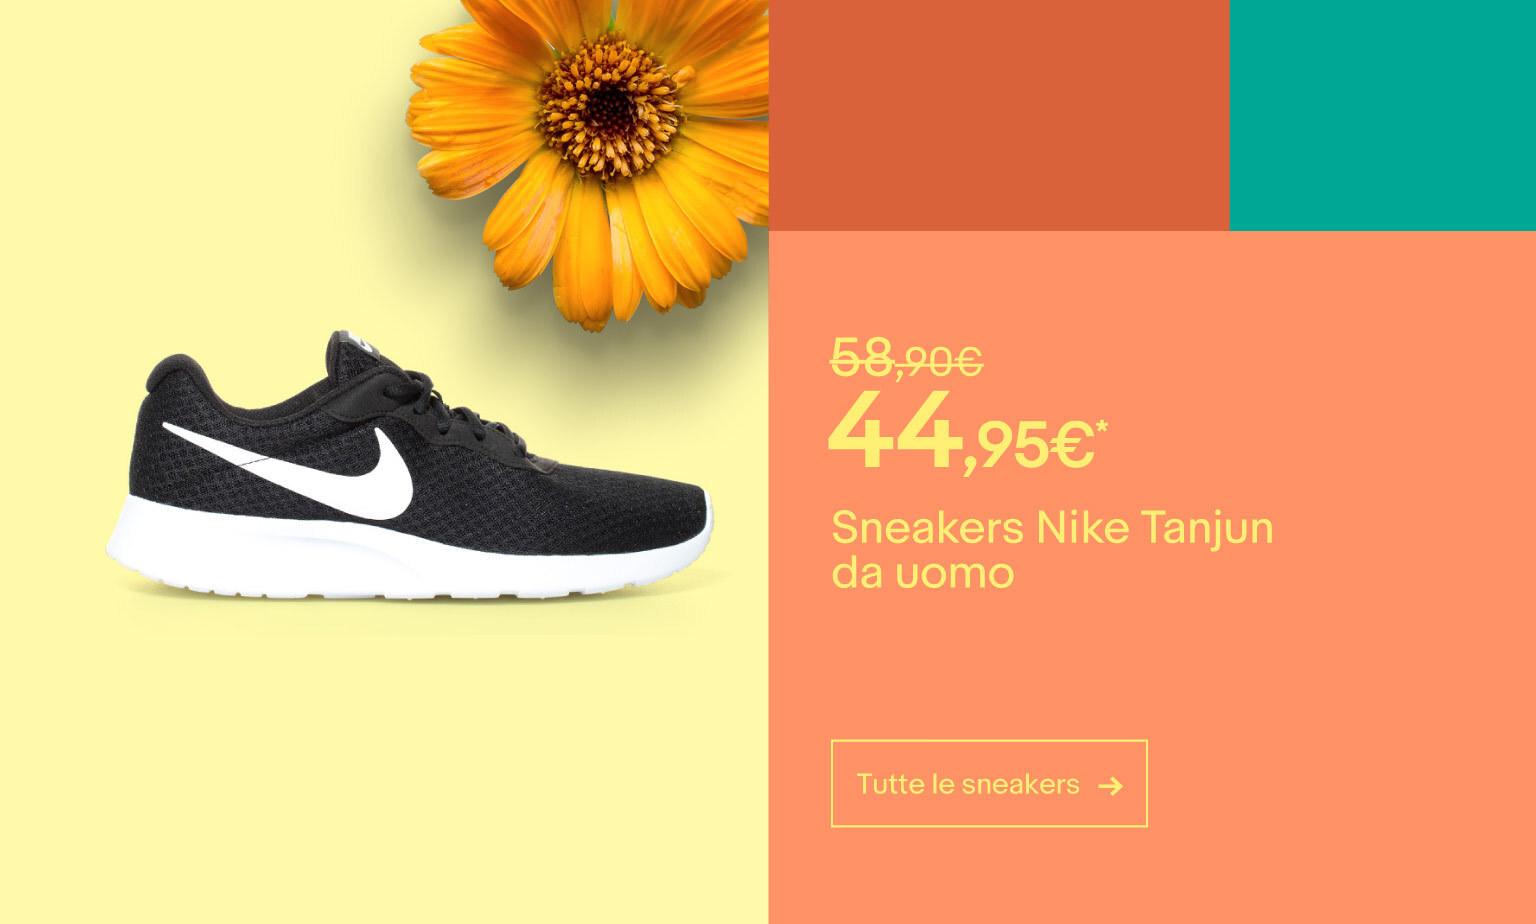 Sneakers, belle e scontate fino al 70%